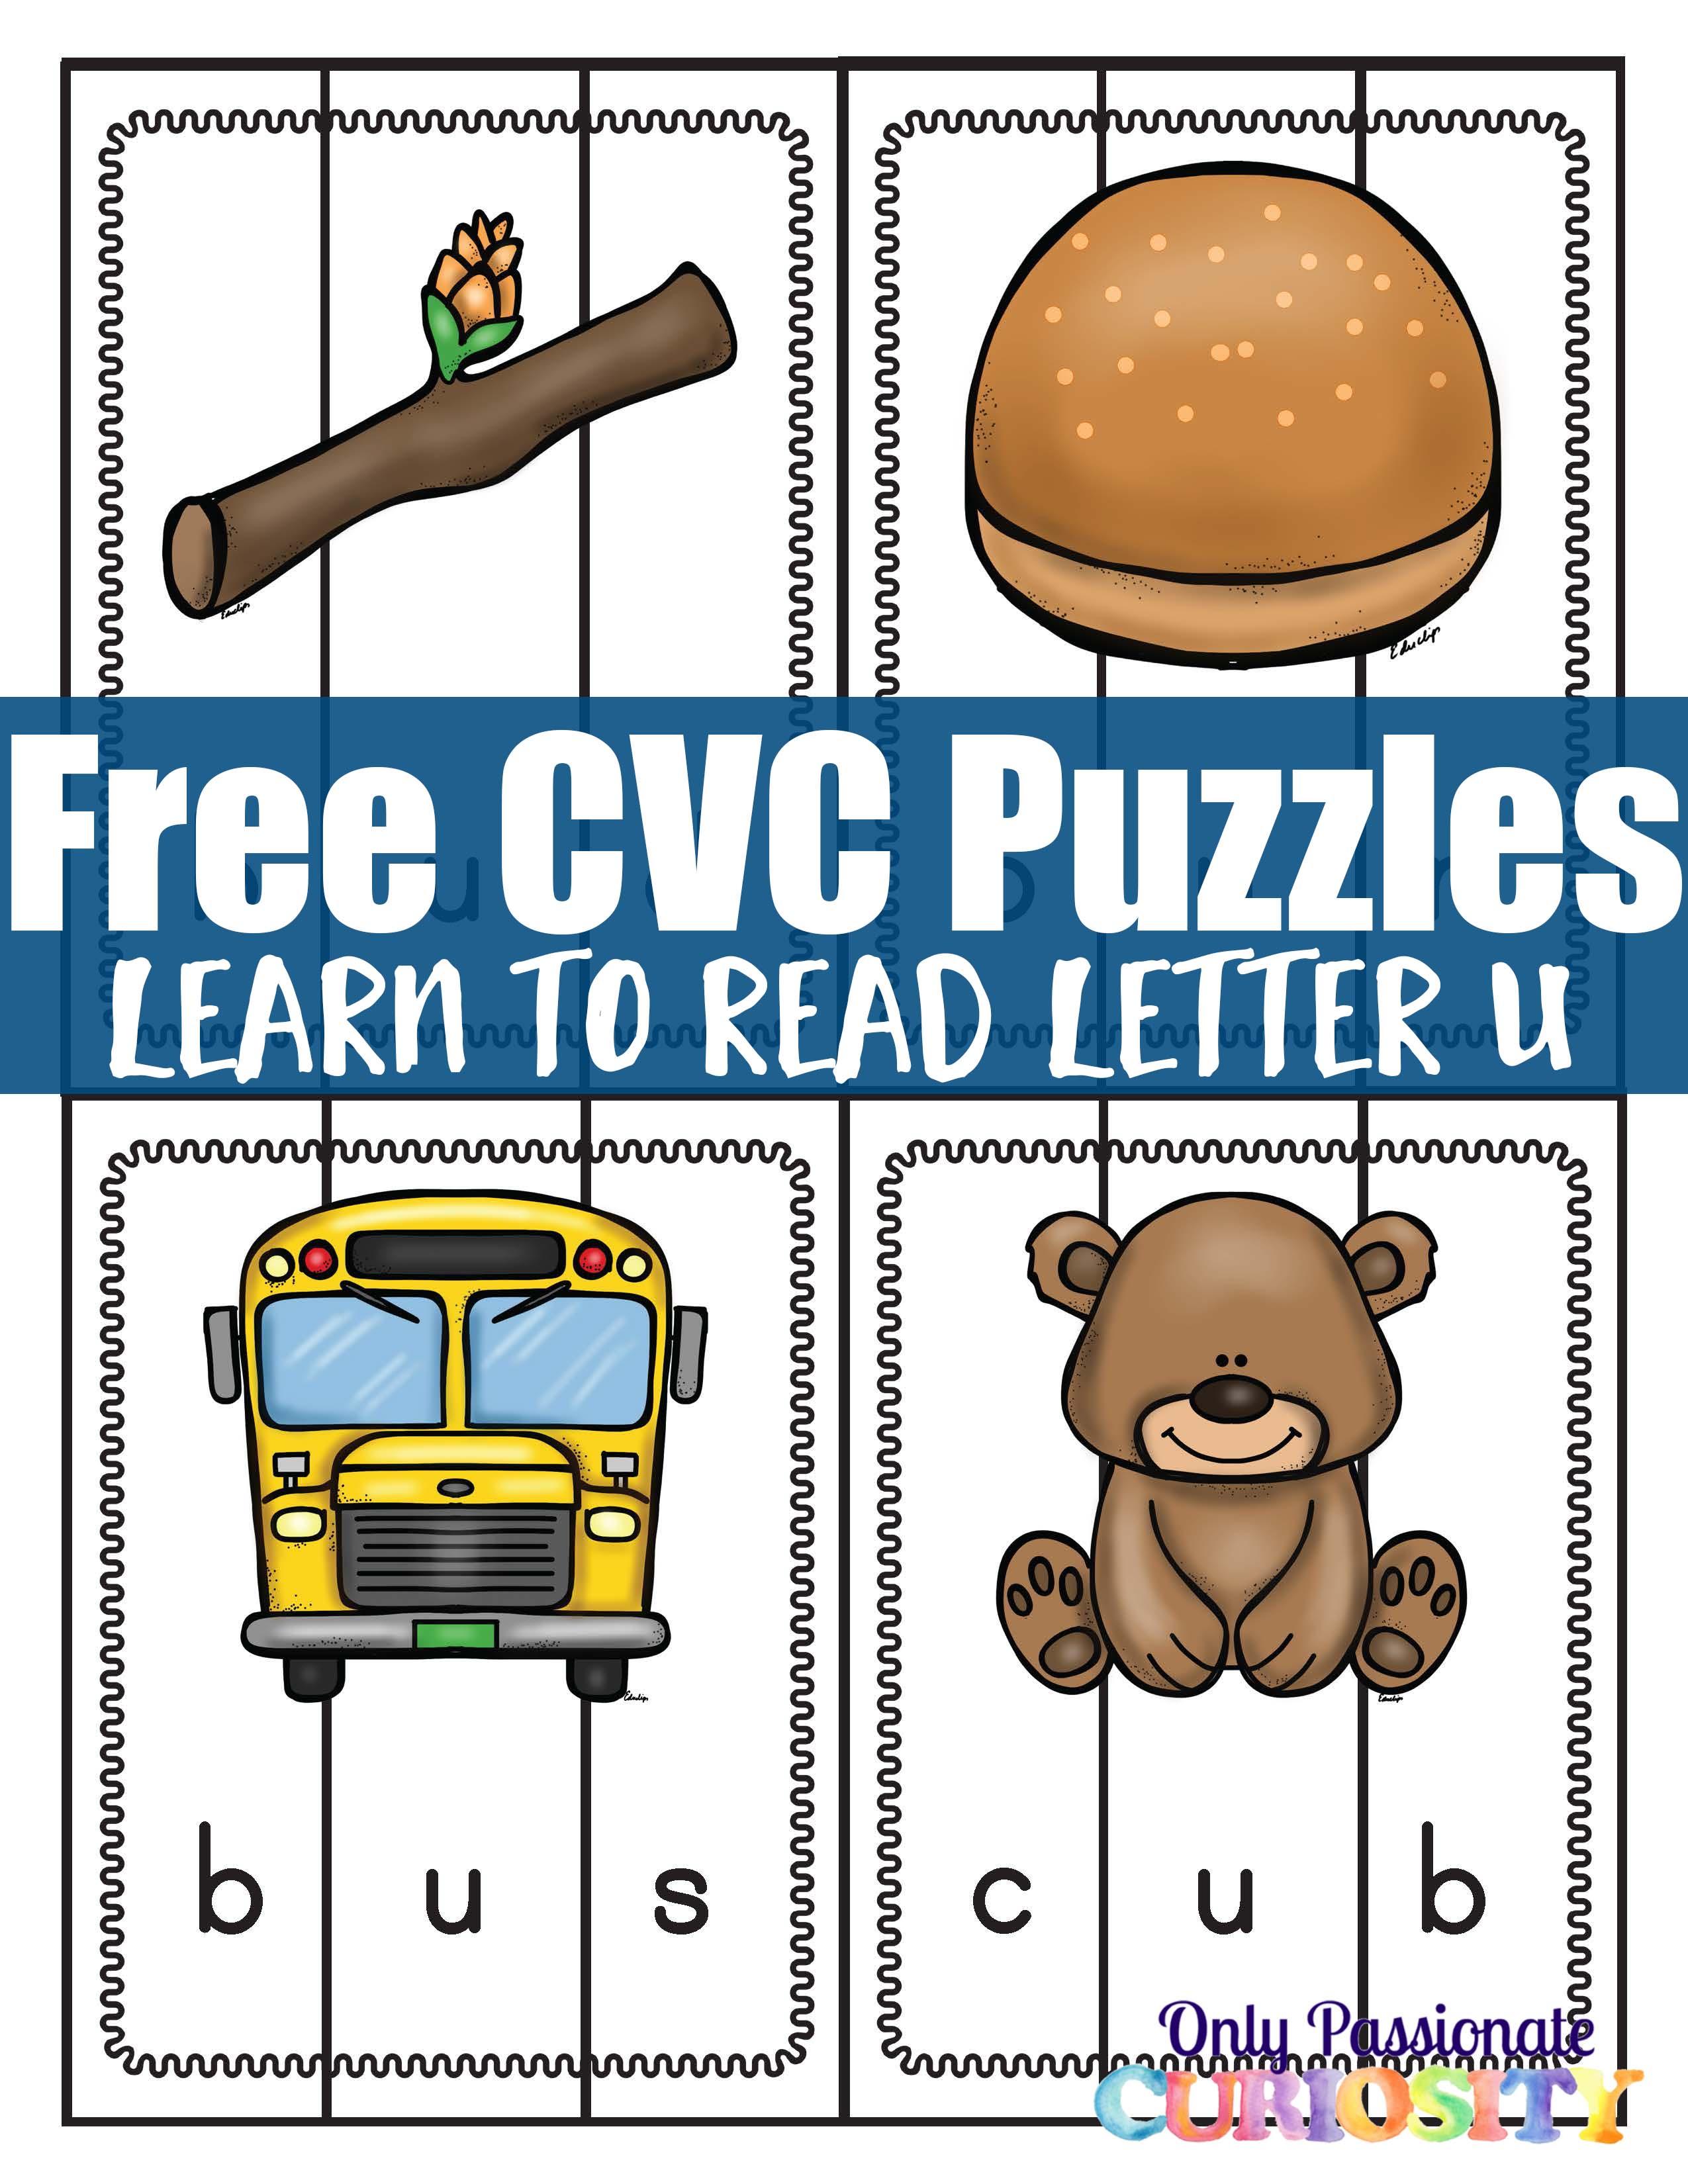 Cvc Puzzles Middle Letter U